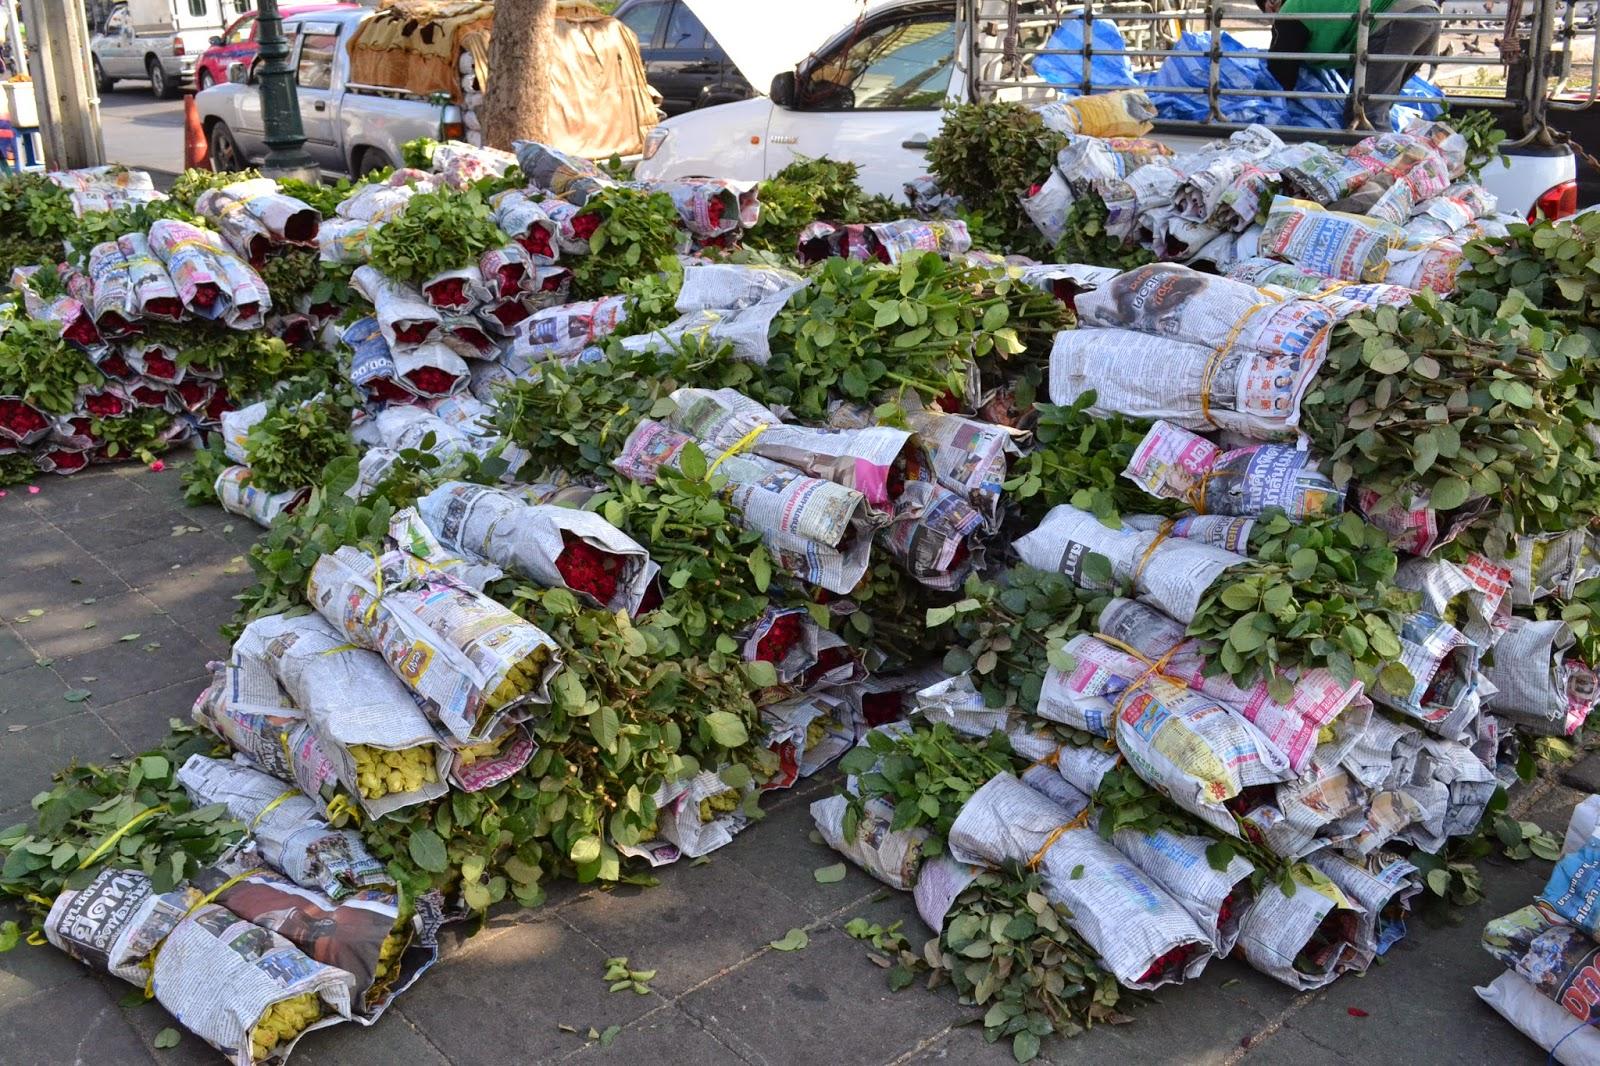 bangkok, voyage, quartier indien, marché aux fleurs